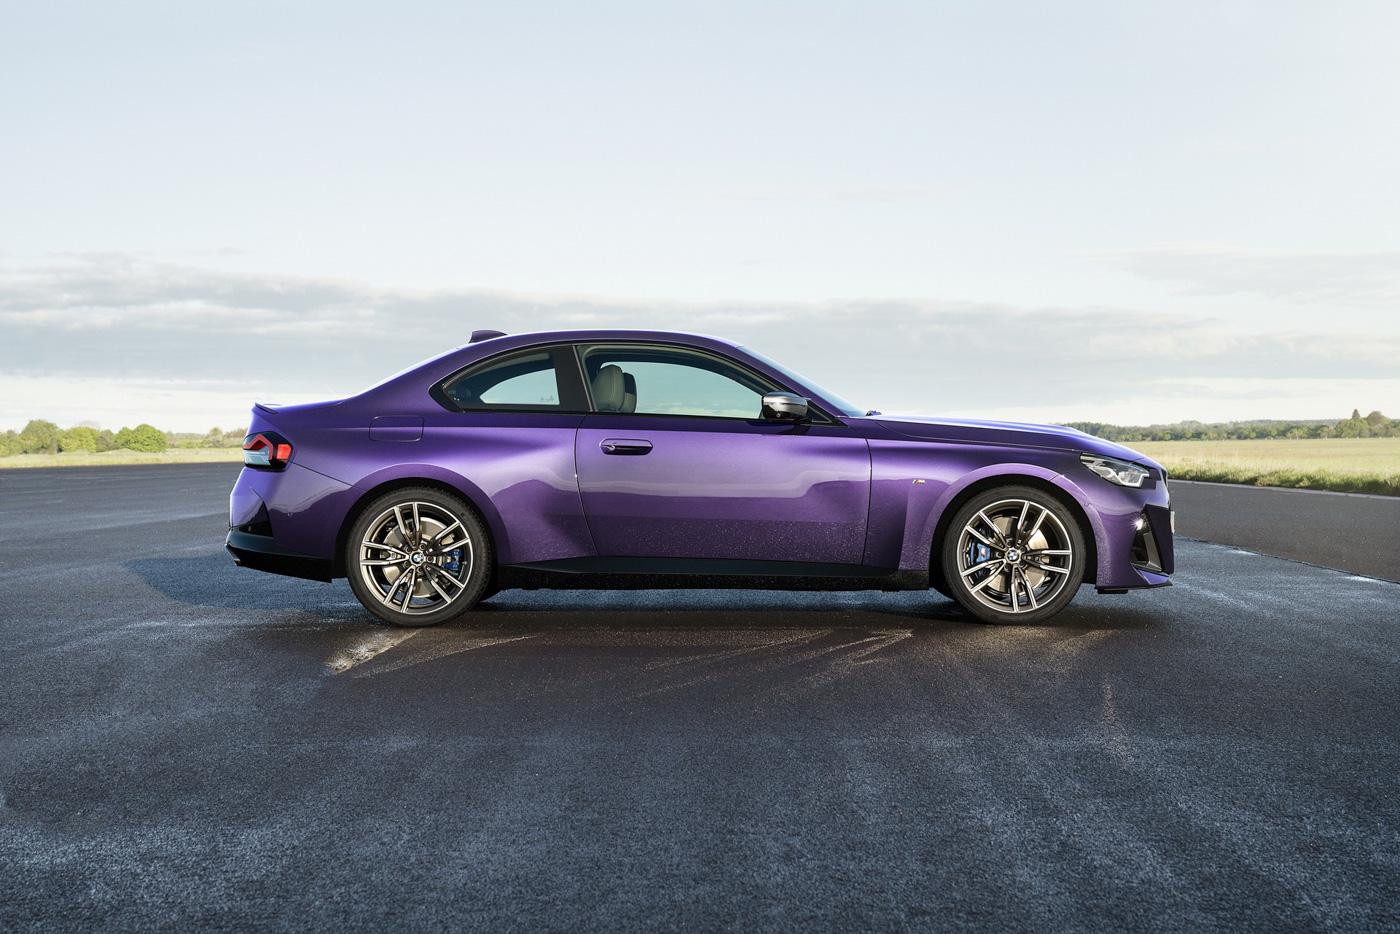 BMW-2-series-2022-ra-mắt-với-giá-bán-từ-36350-usd-2.jpg